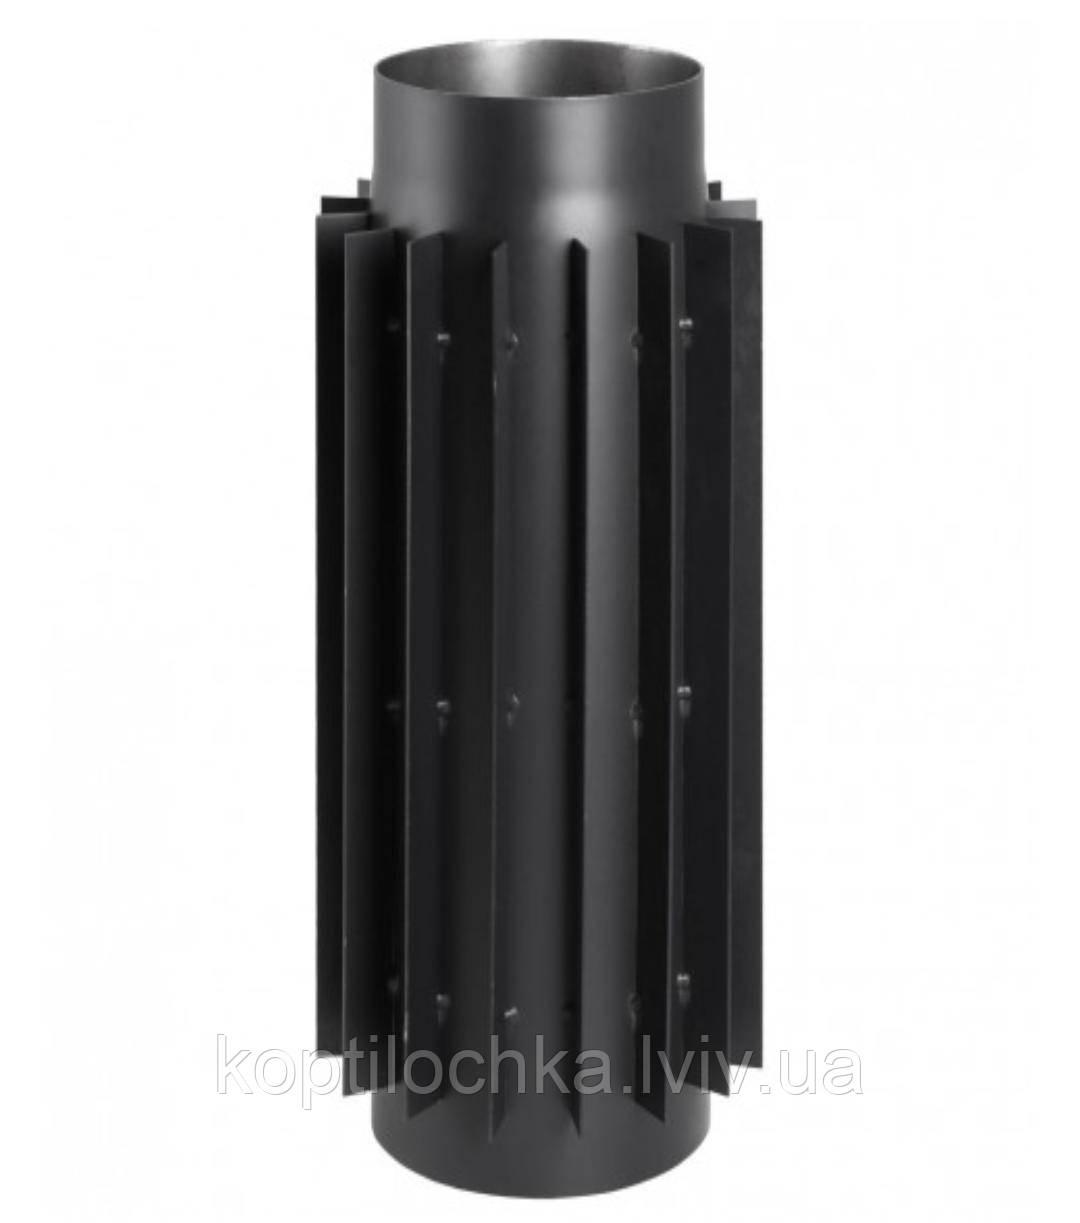 Радиатор жаростойкий 150